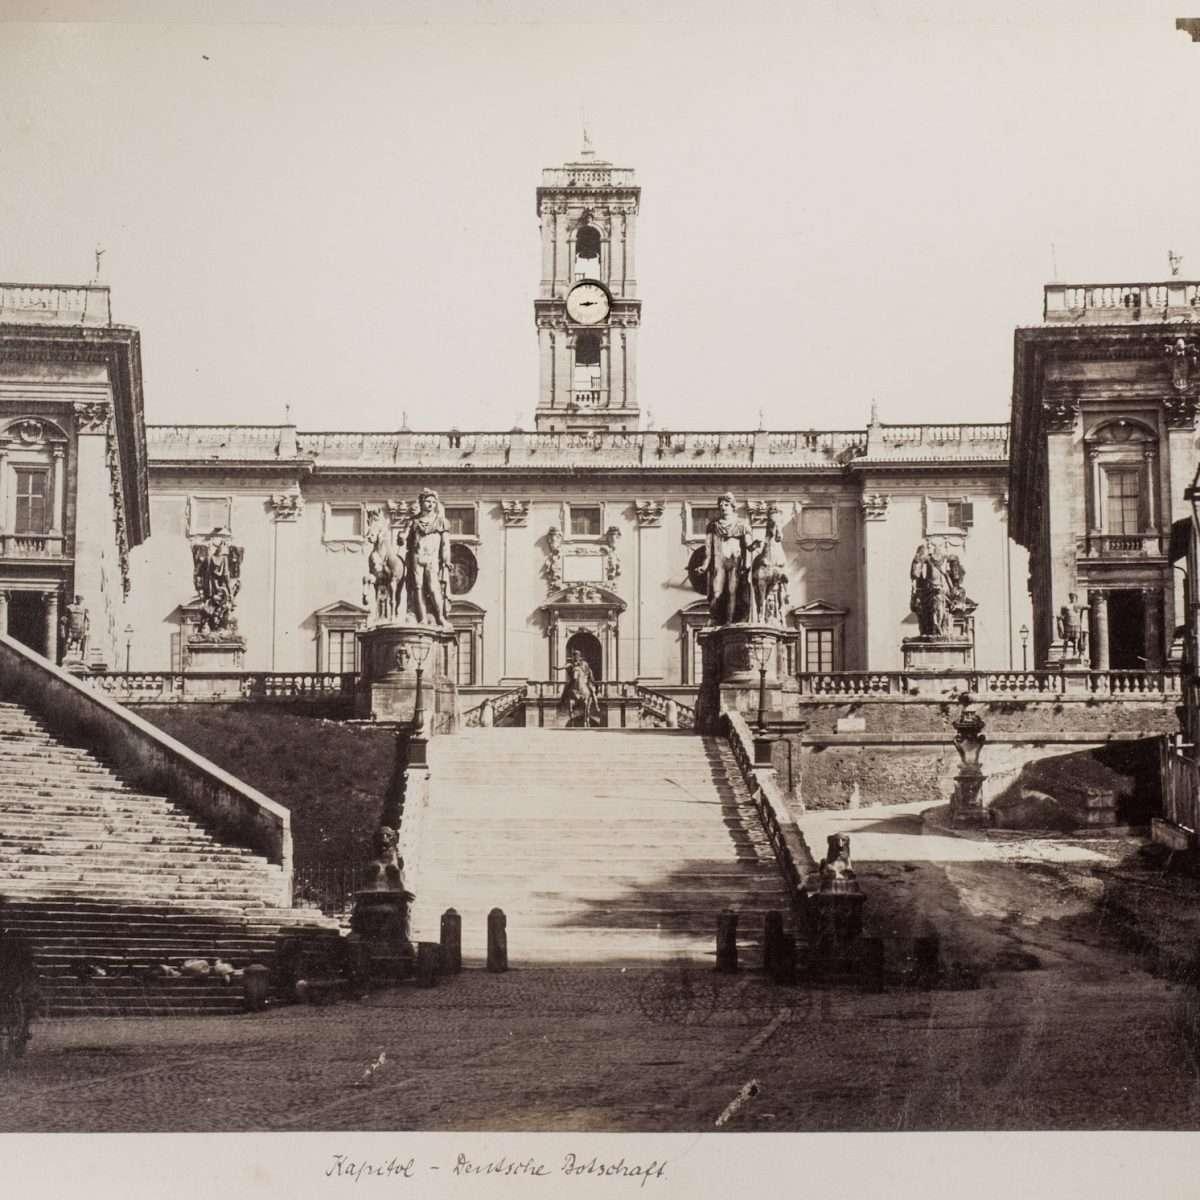 L-1090133 - Campidoglio - Tommaso Cuccioni - 1860